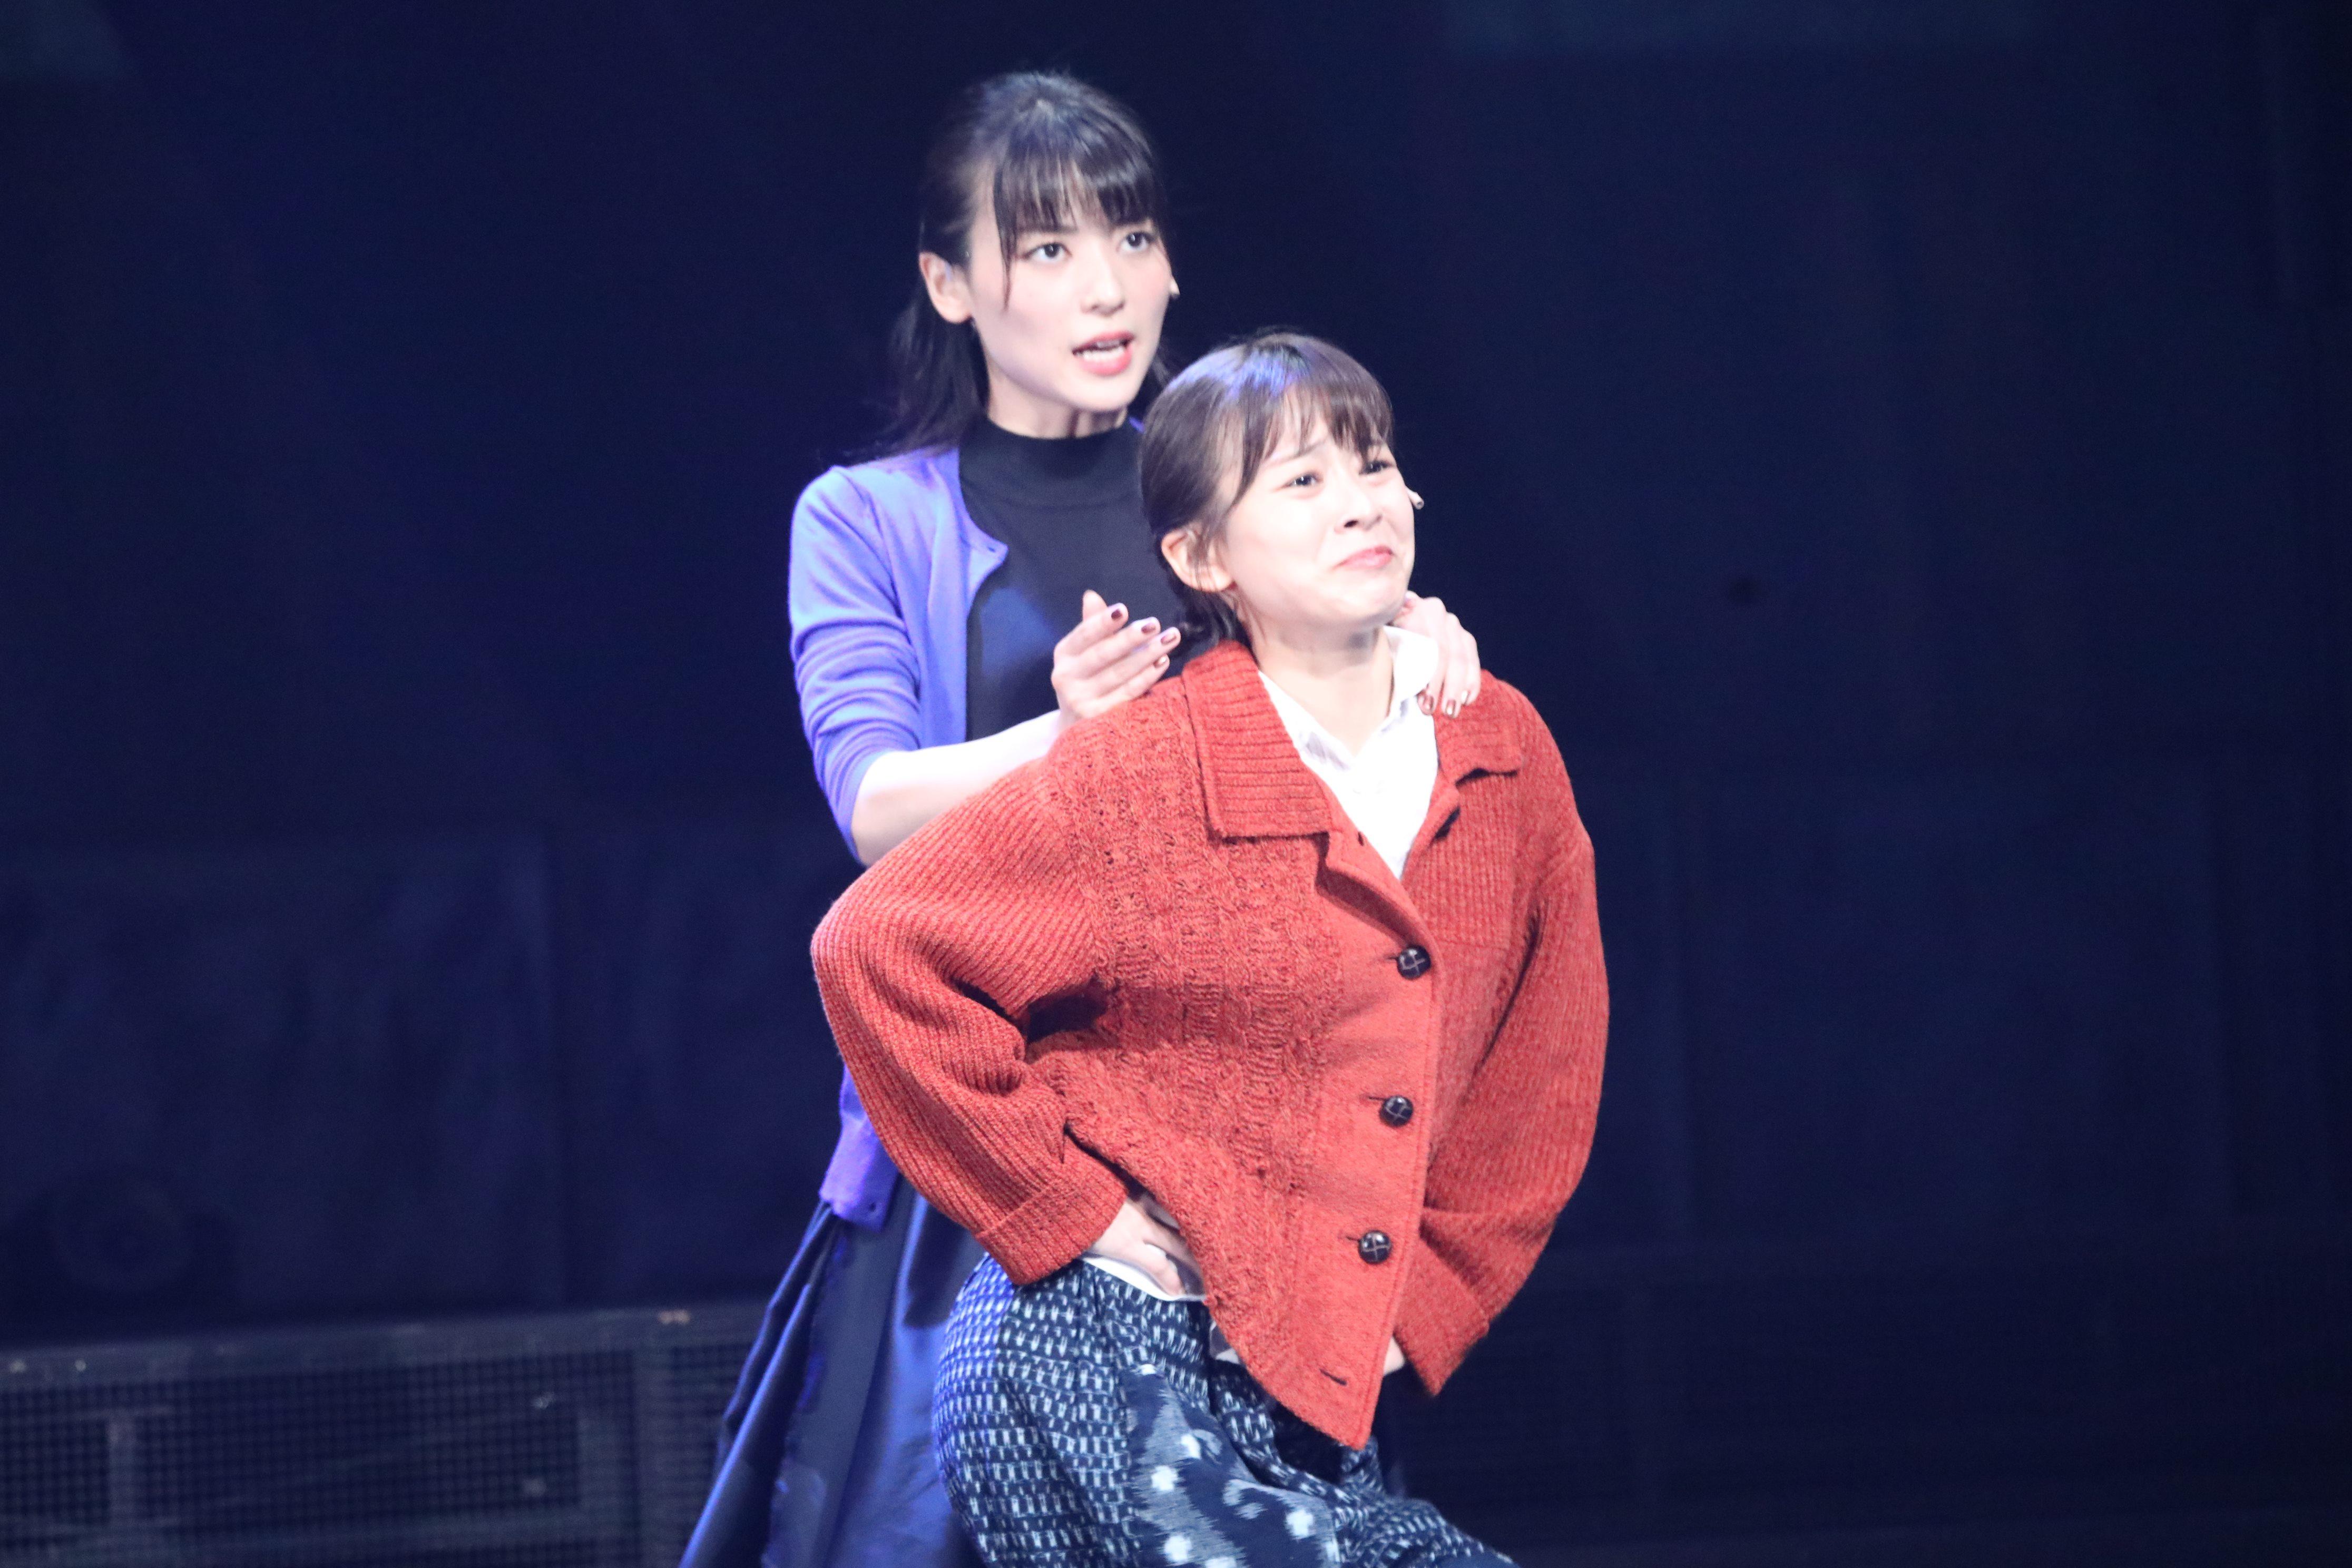 舞台「フラガール」で早苗を演じる太田奈緒:フランダンス稽古シーン